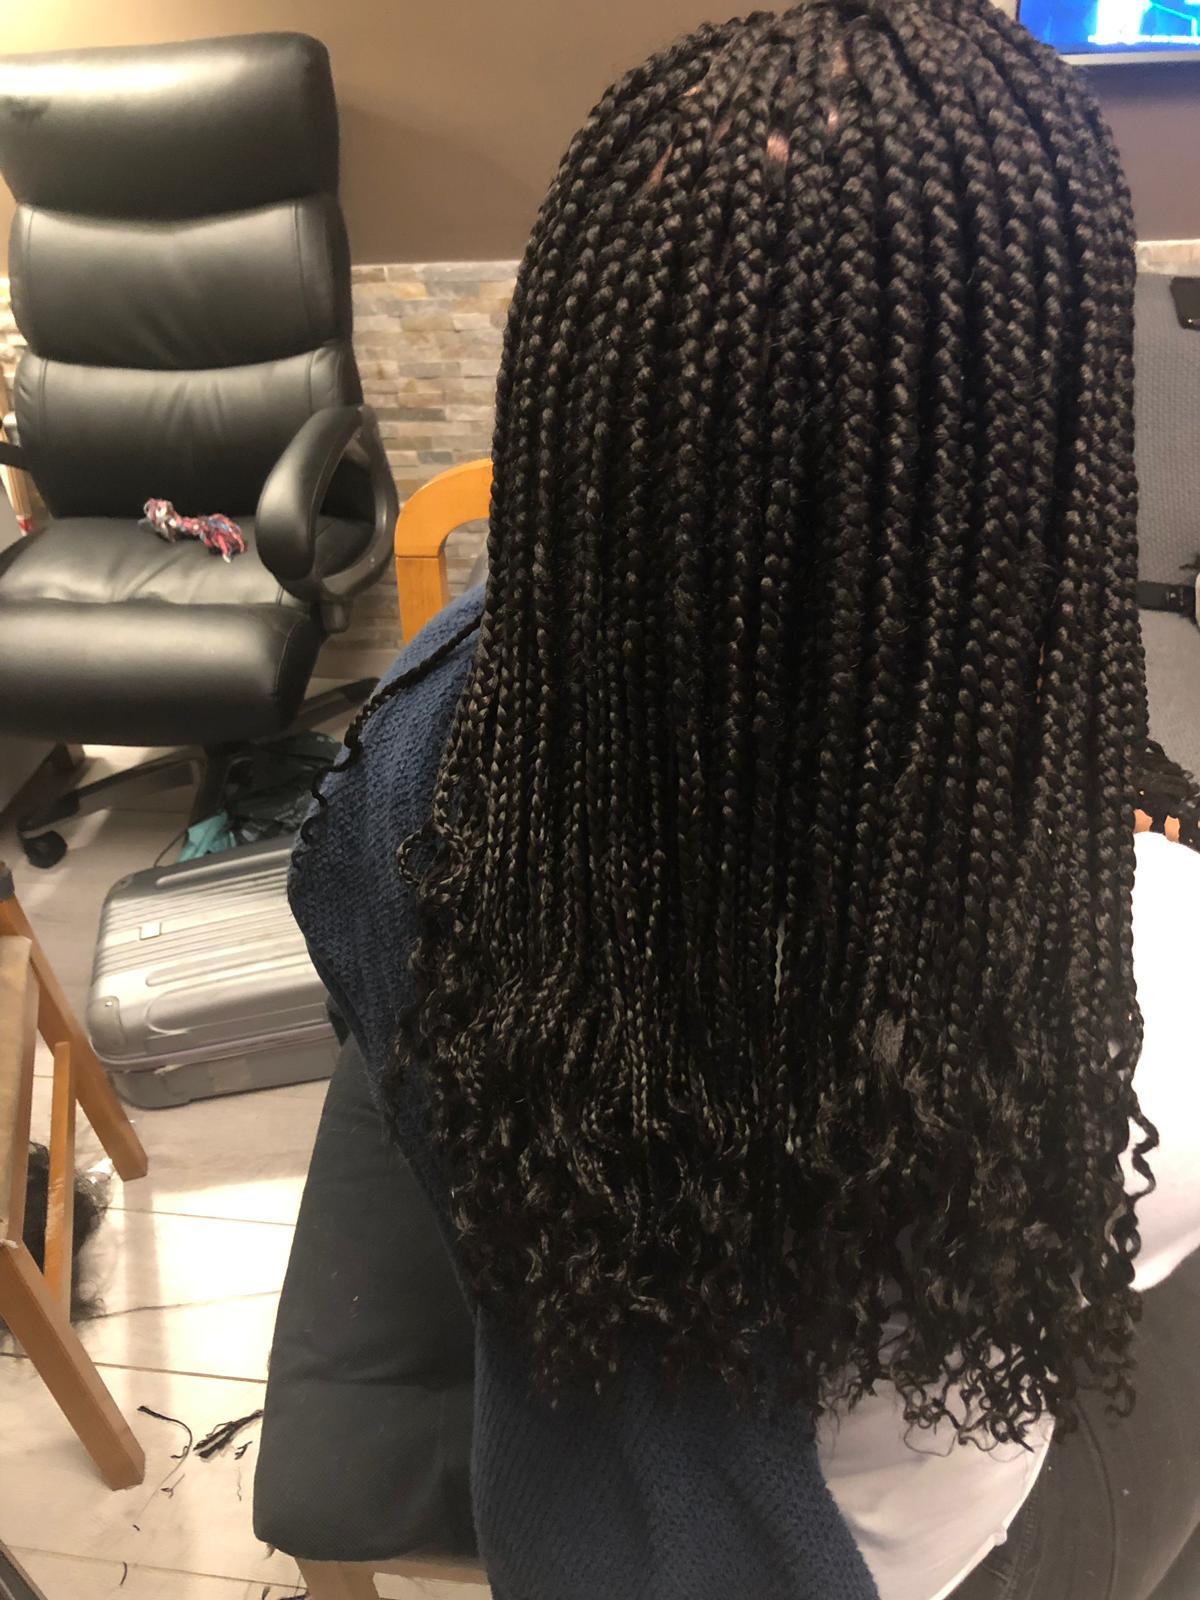 salon de coiffure afro tresse tresses box braids crochet braids vanilles tissages paris 75 77 78 91 92 93 94 95 LMGNIOYS